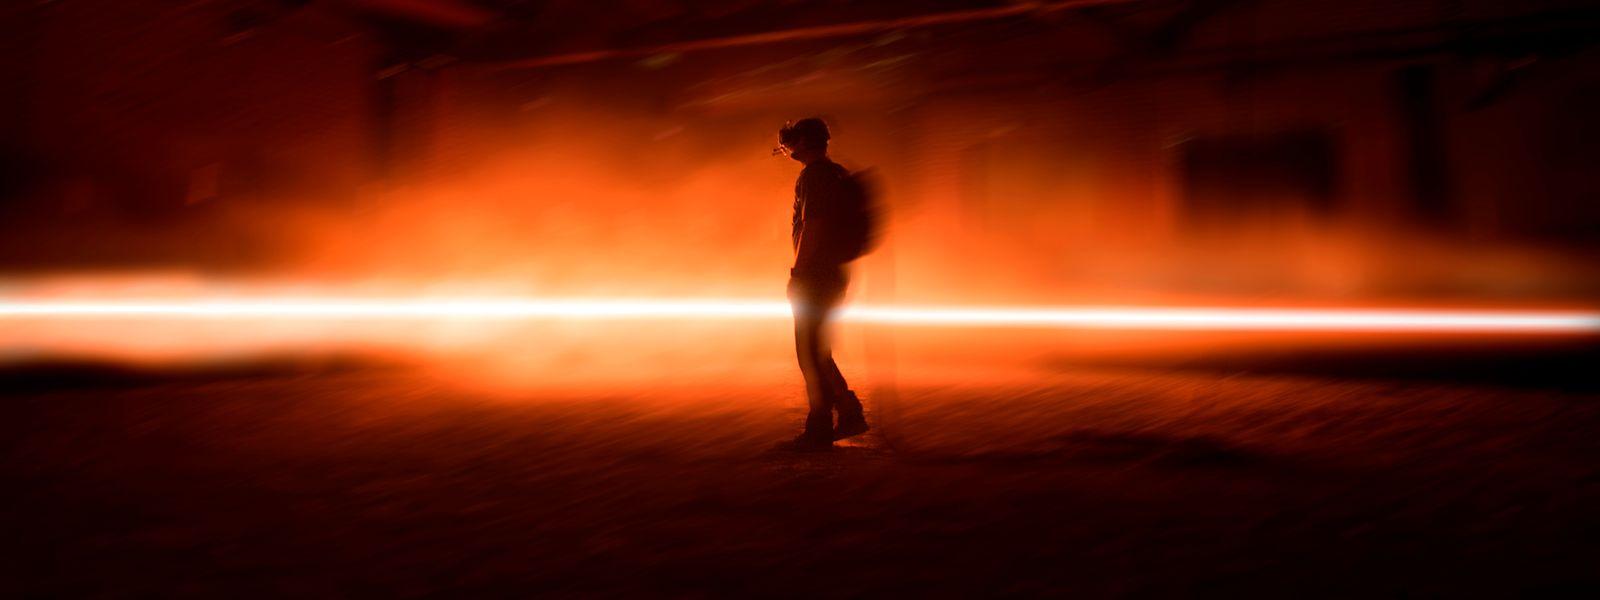 """Das Herzstück der VR-Installation """"CARNE y ARENA (Virtually Present, Physically Invisible)"""": ein mit Sand gefüllter Raum, der plötzlich zur mexikanischen Wüste wird."""